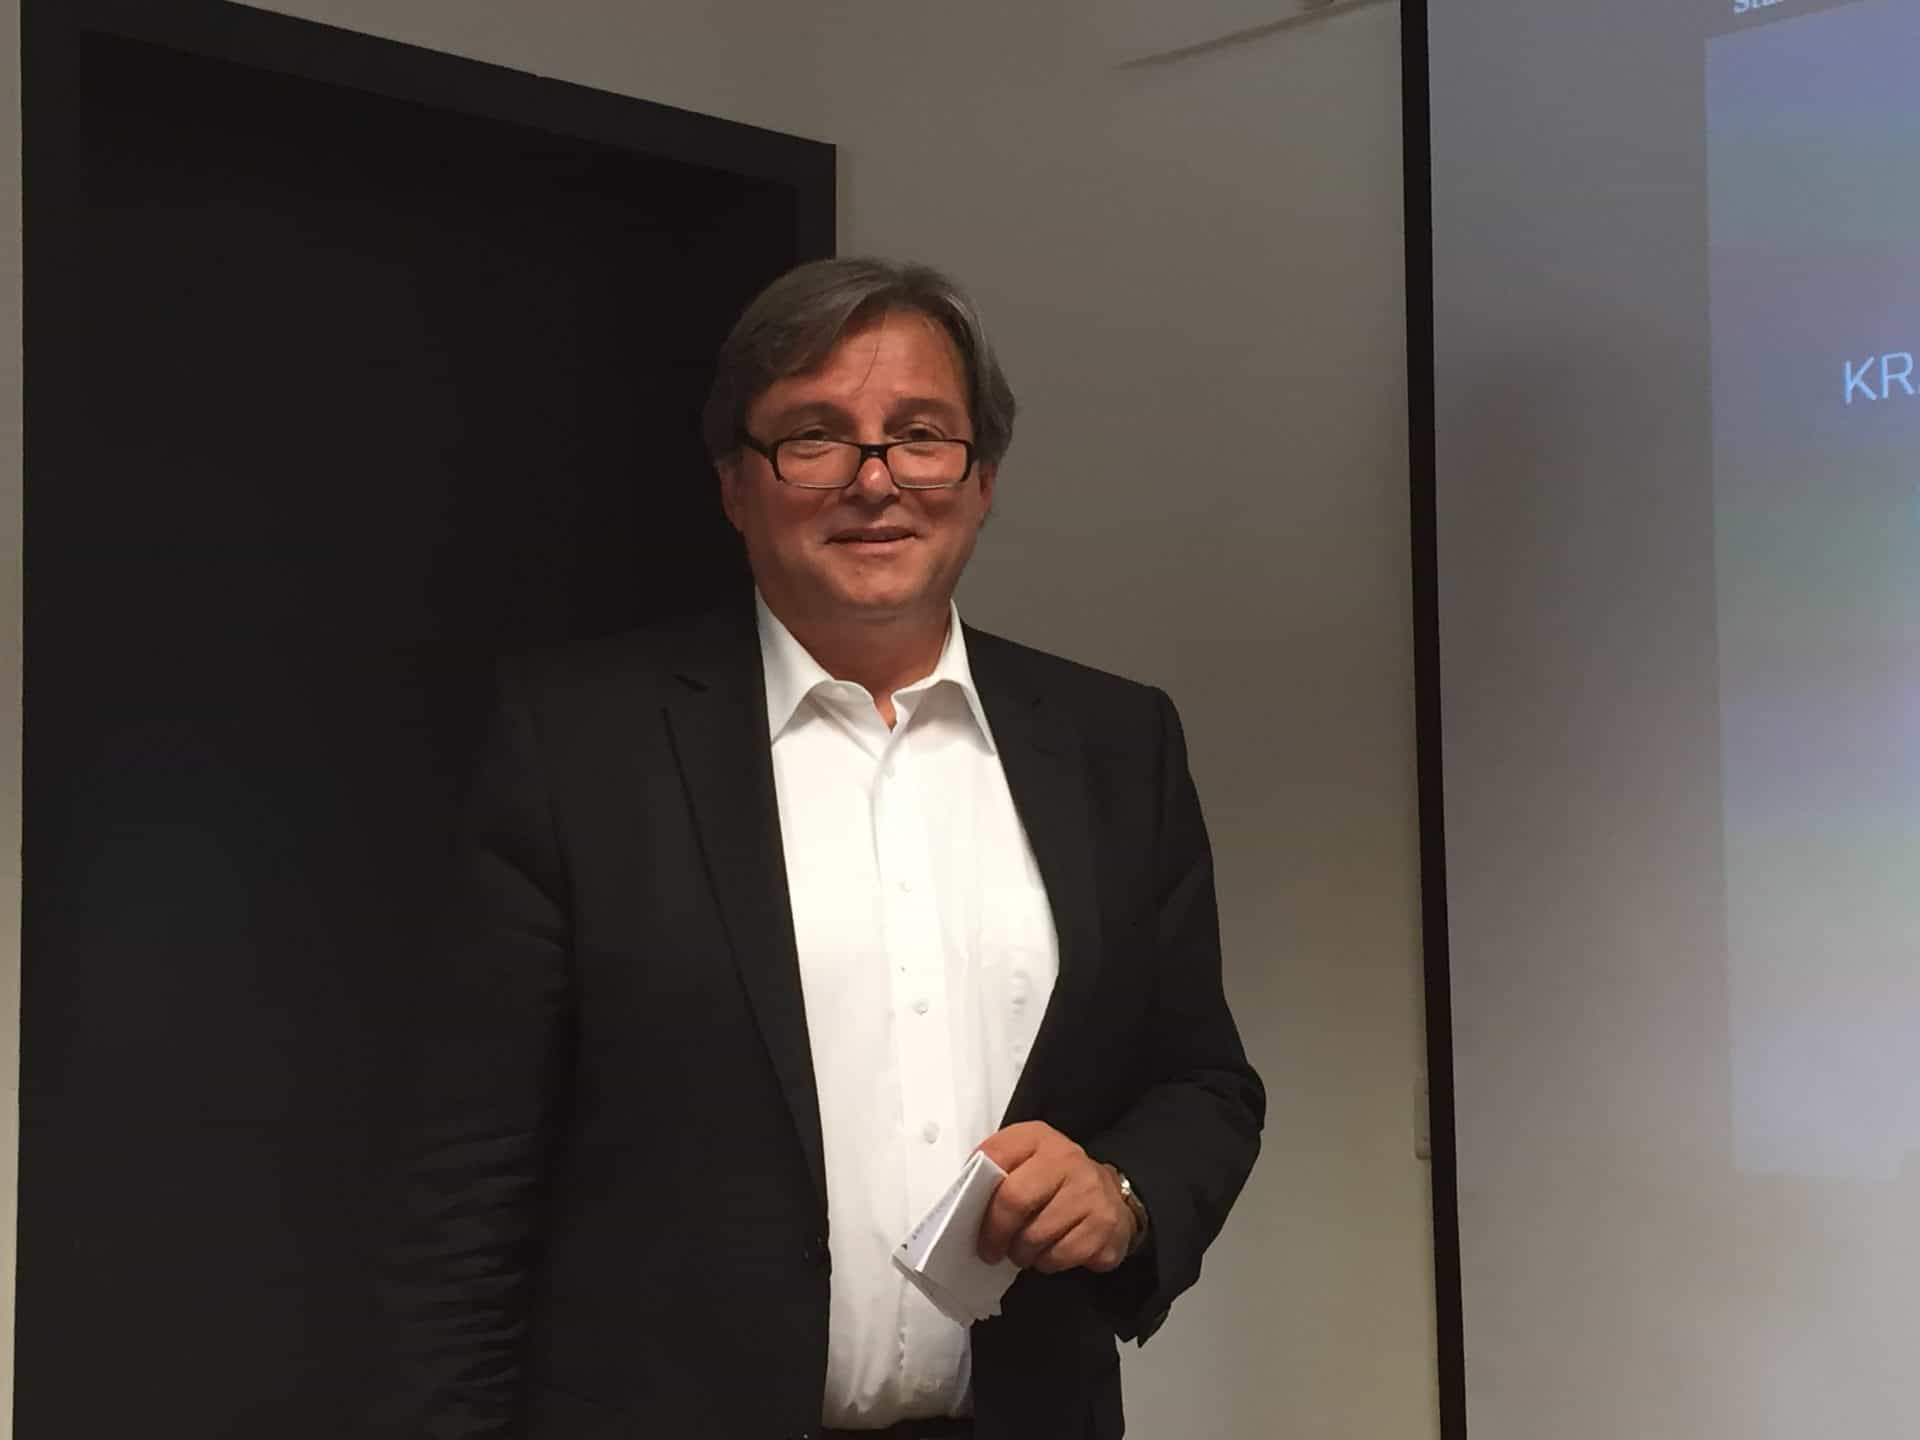 Der Gründer von MeisterSinger Manfred Brassler